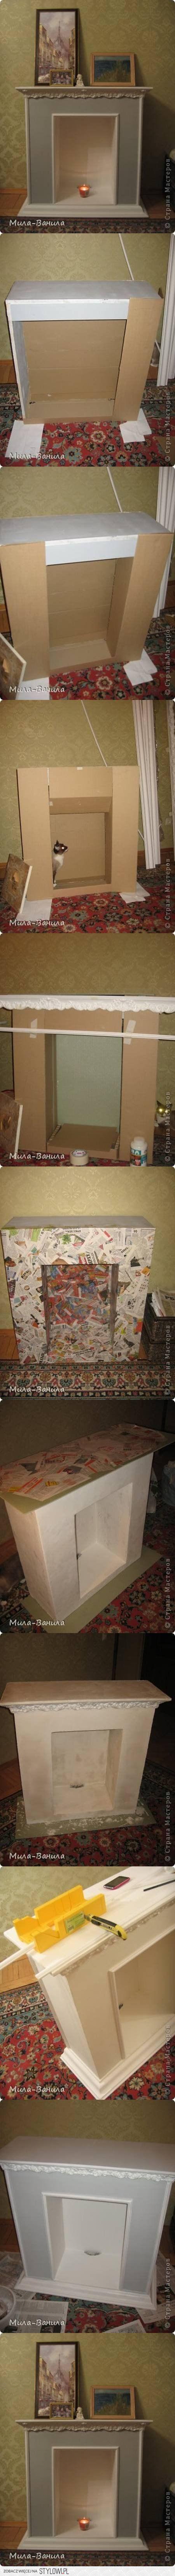 Как сделать камин пошаговая инструкция из коробок